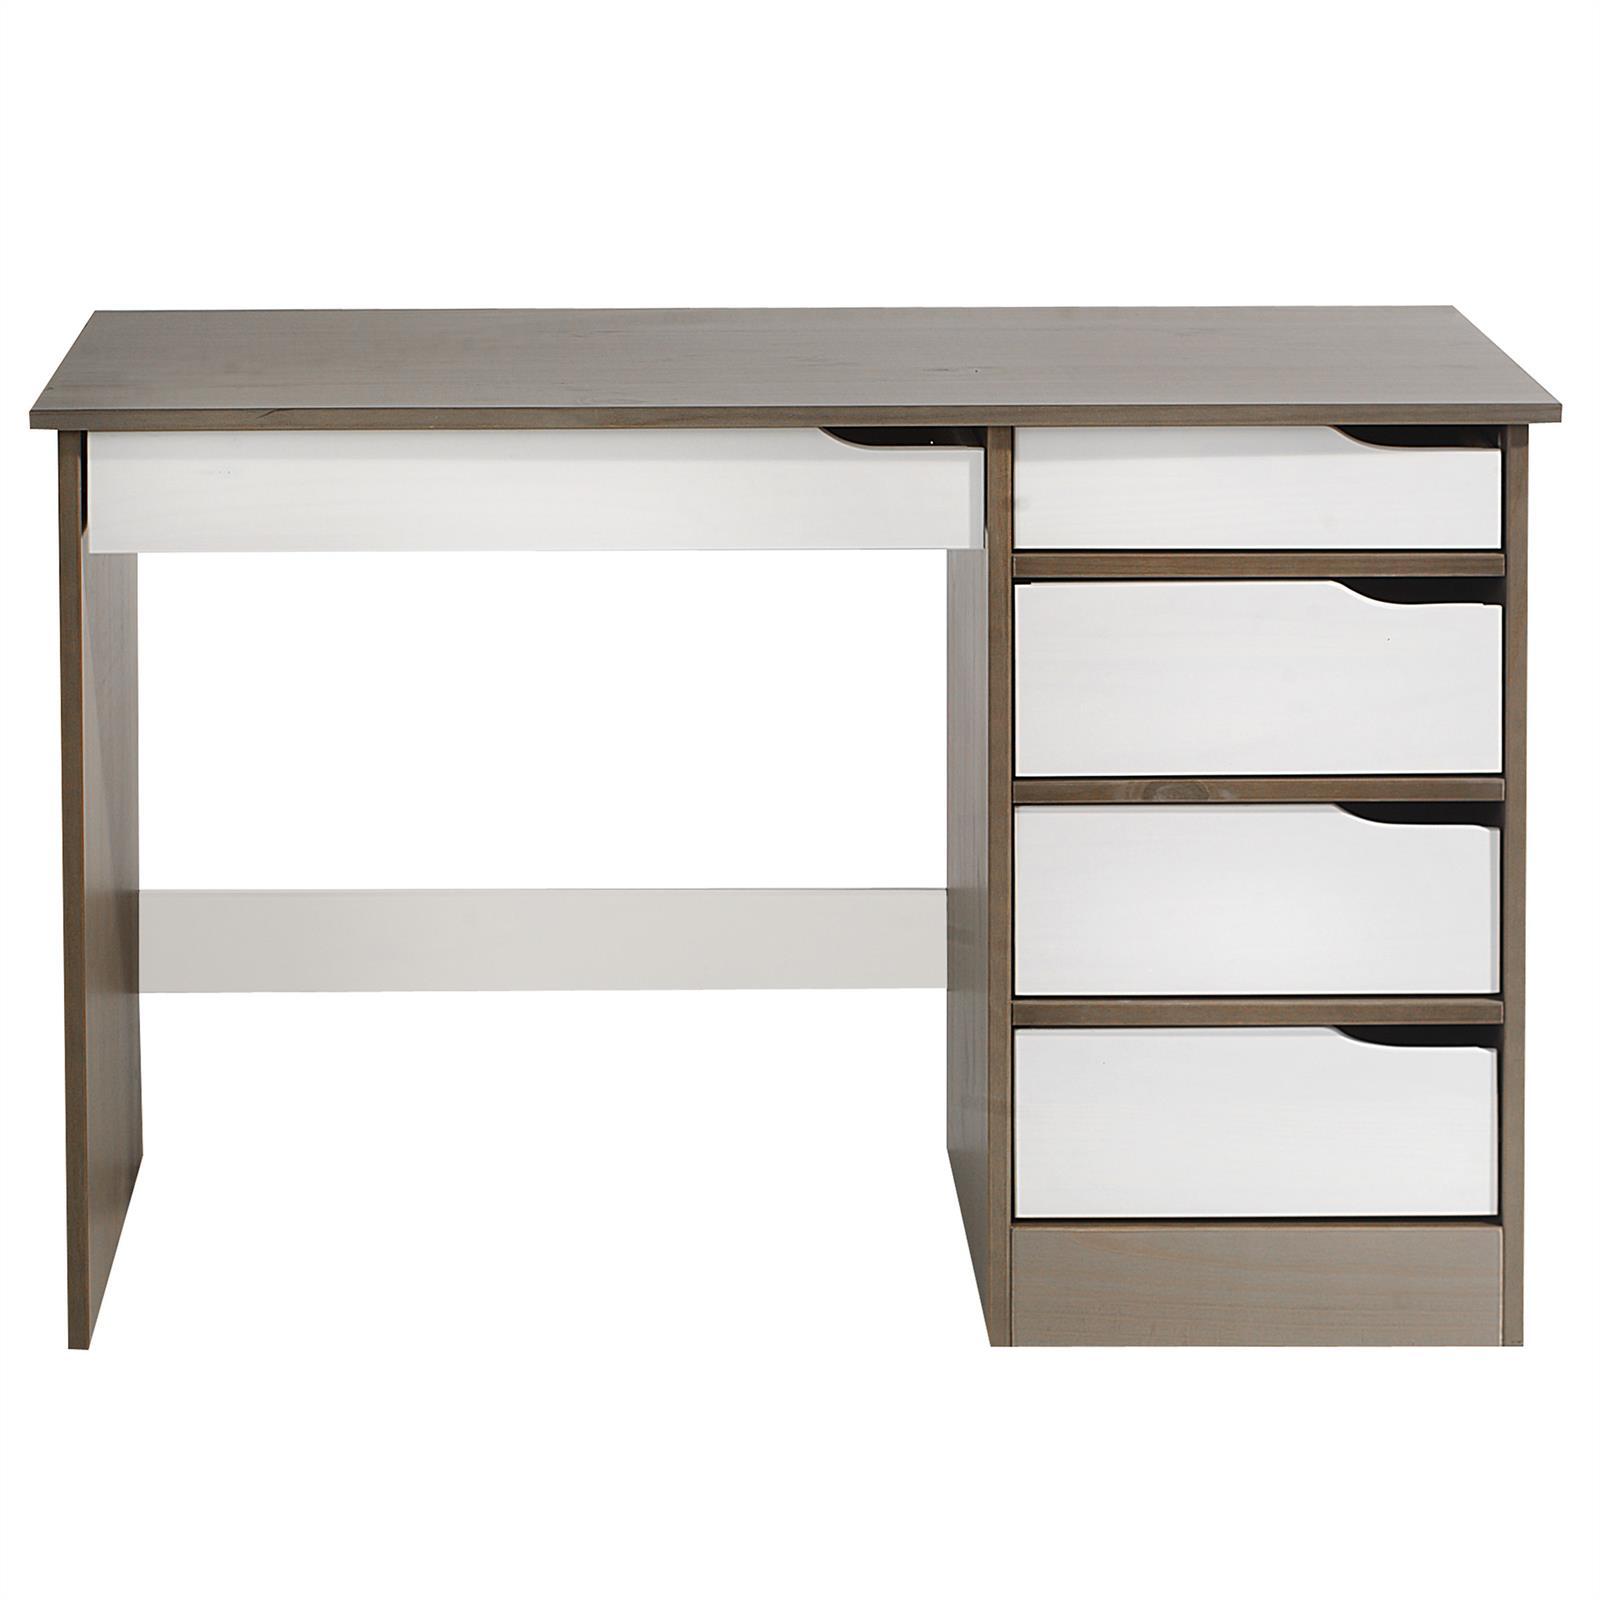 bureau en pin massif hugo lasur taupe et blanc mobil. Black Bedroom Furniture Sets. Home Design Ideas